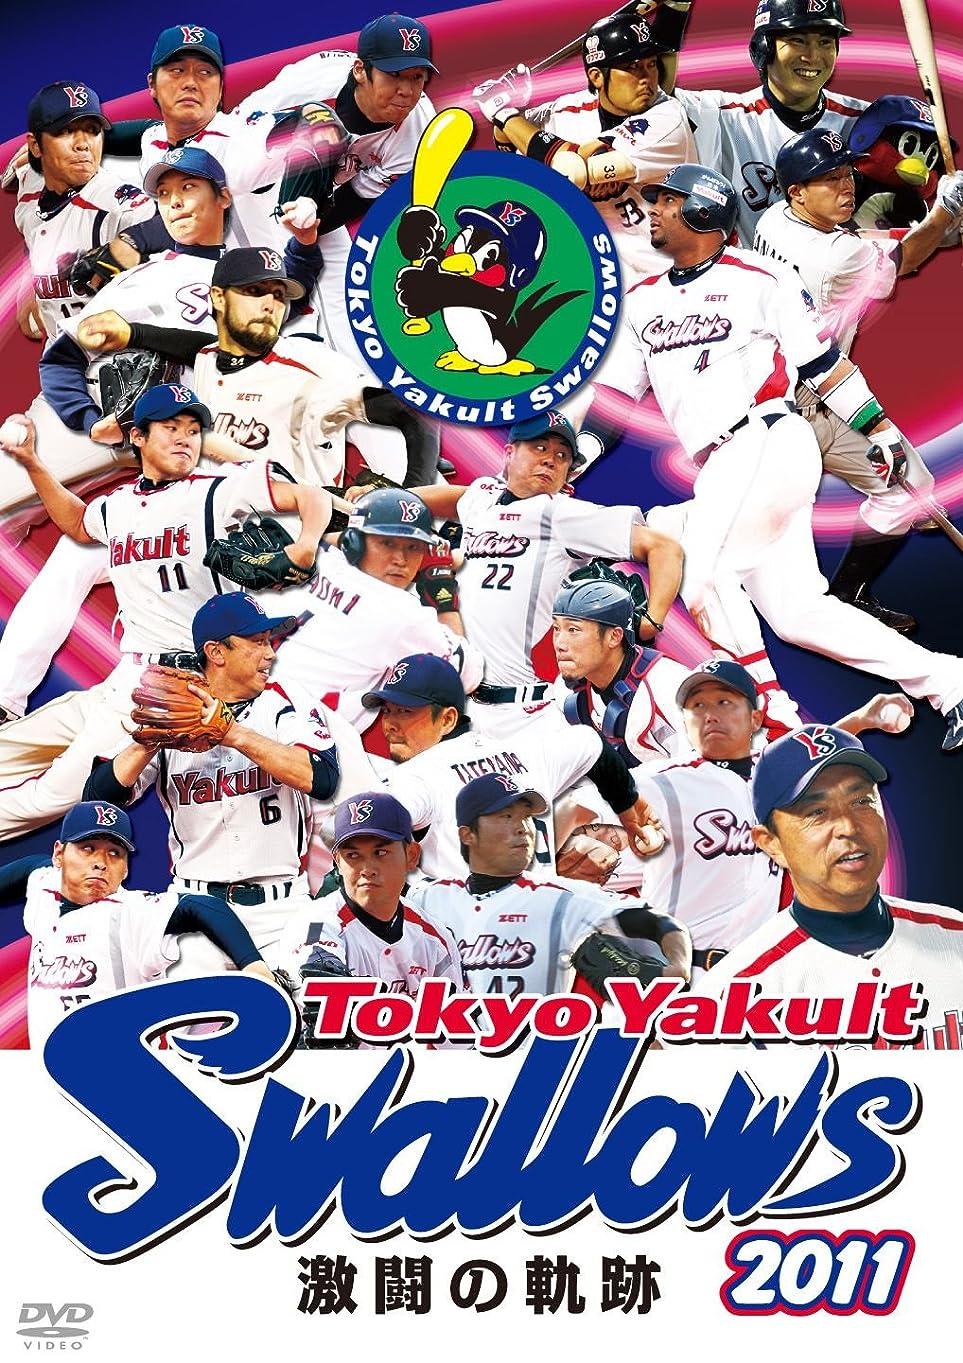 ハチ腸夢東京ヤクルトスワローズ 2011 激闘の軌跡 [DVD]